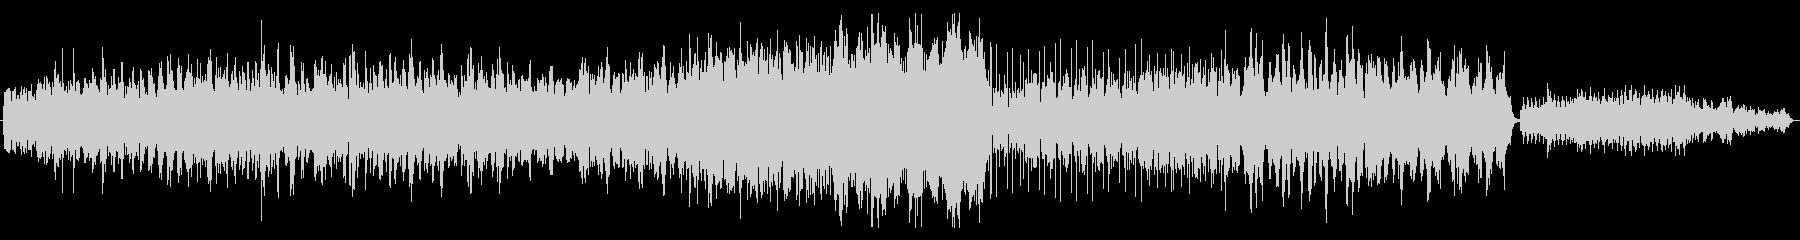 ピアノと弦のミニマルミュージックの未再生の波形